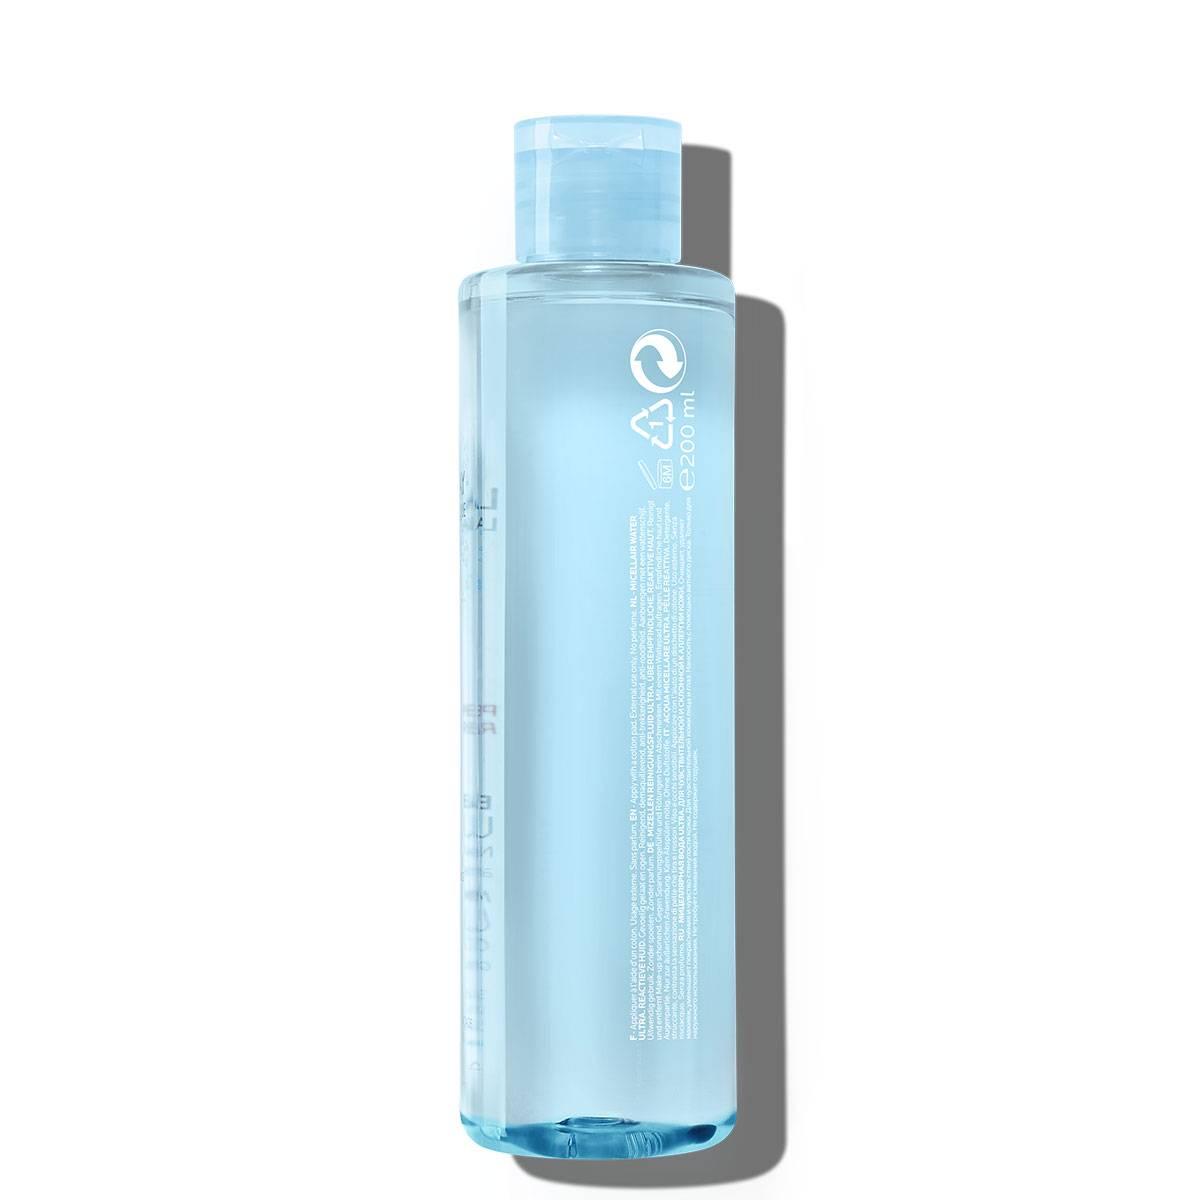 La Roche Posay Tuotesivu Kasvojen puhdistustuote Physiological Micellar Water